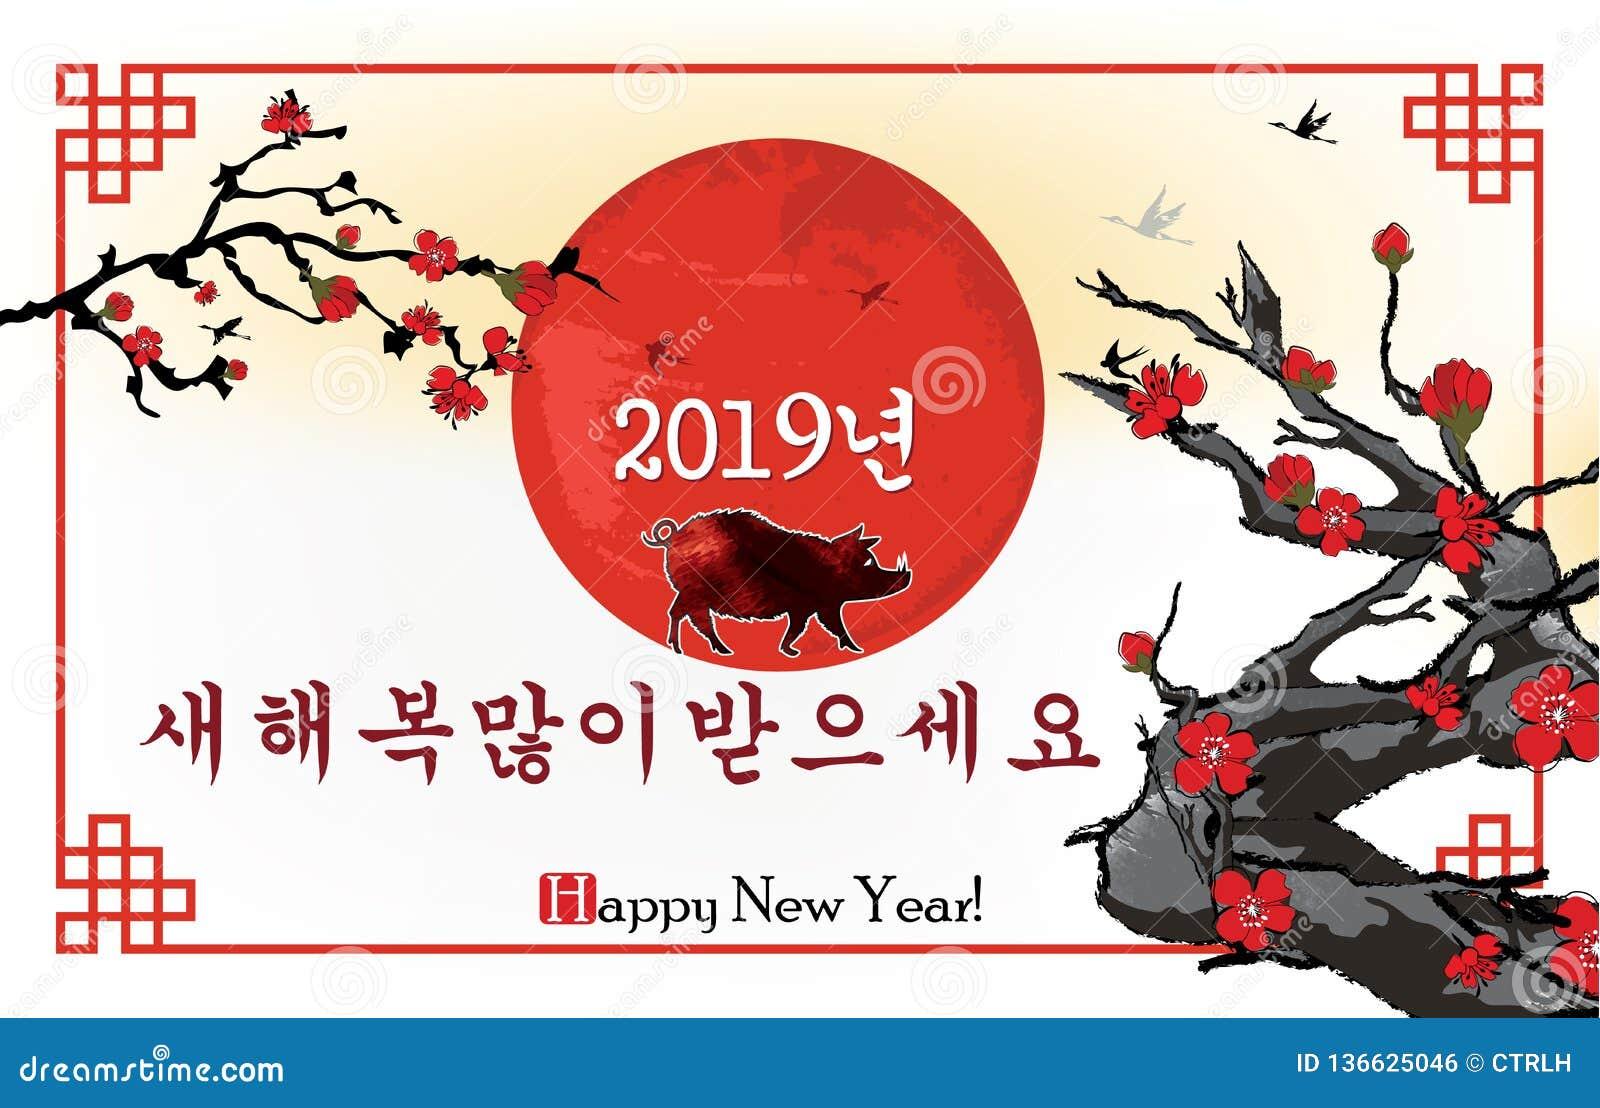 Koreanisch Frohe Weihnachten.Koreanische Grusskarte Fur Das Neue Jahr Des Schweins